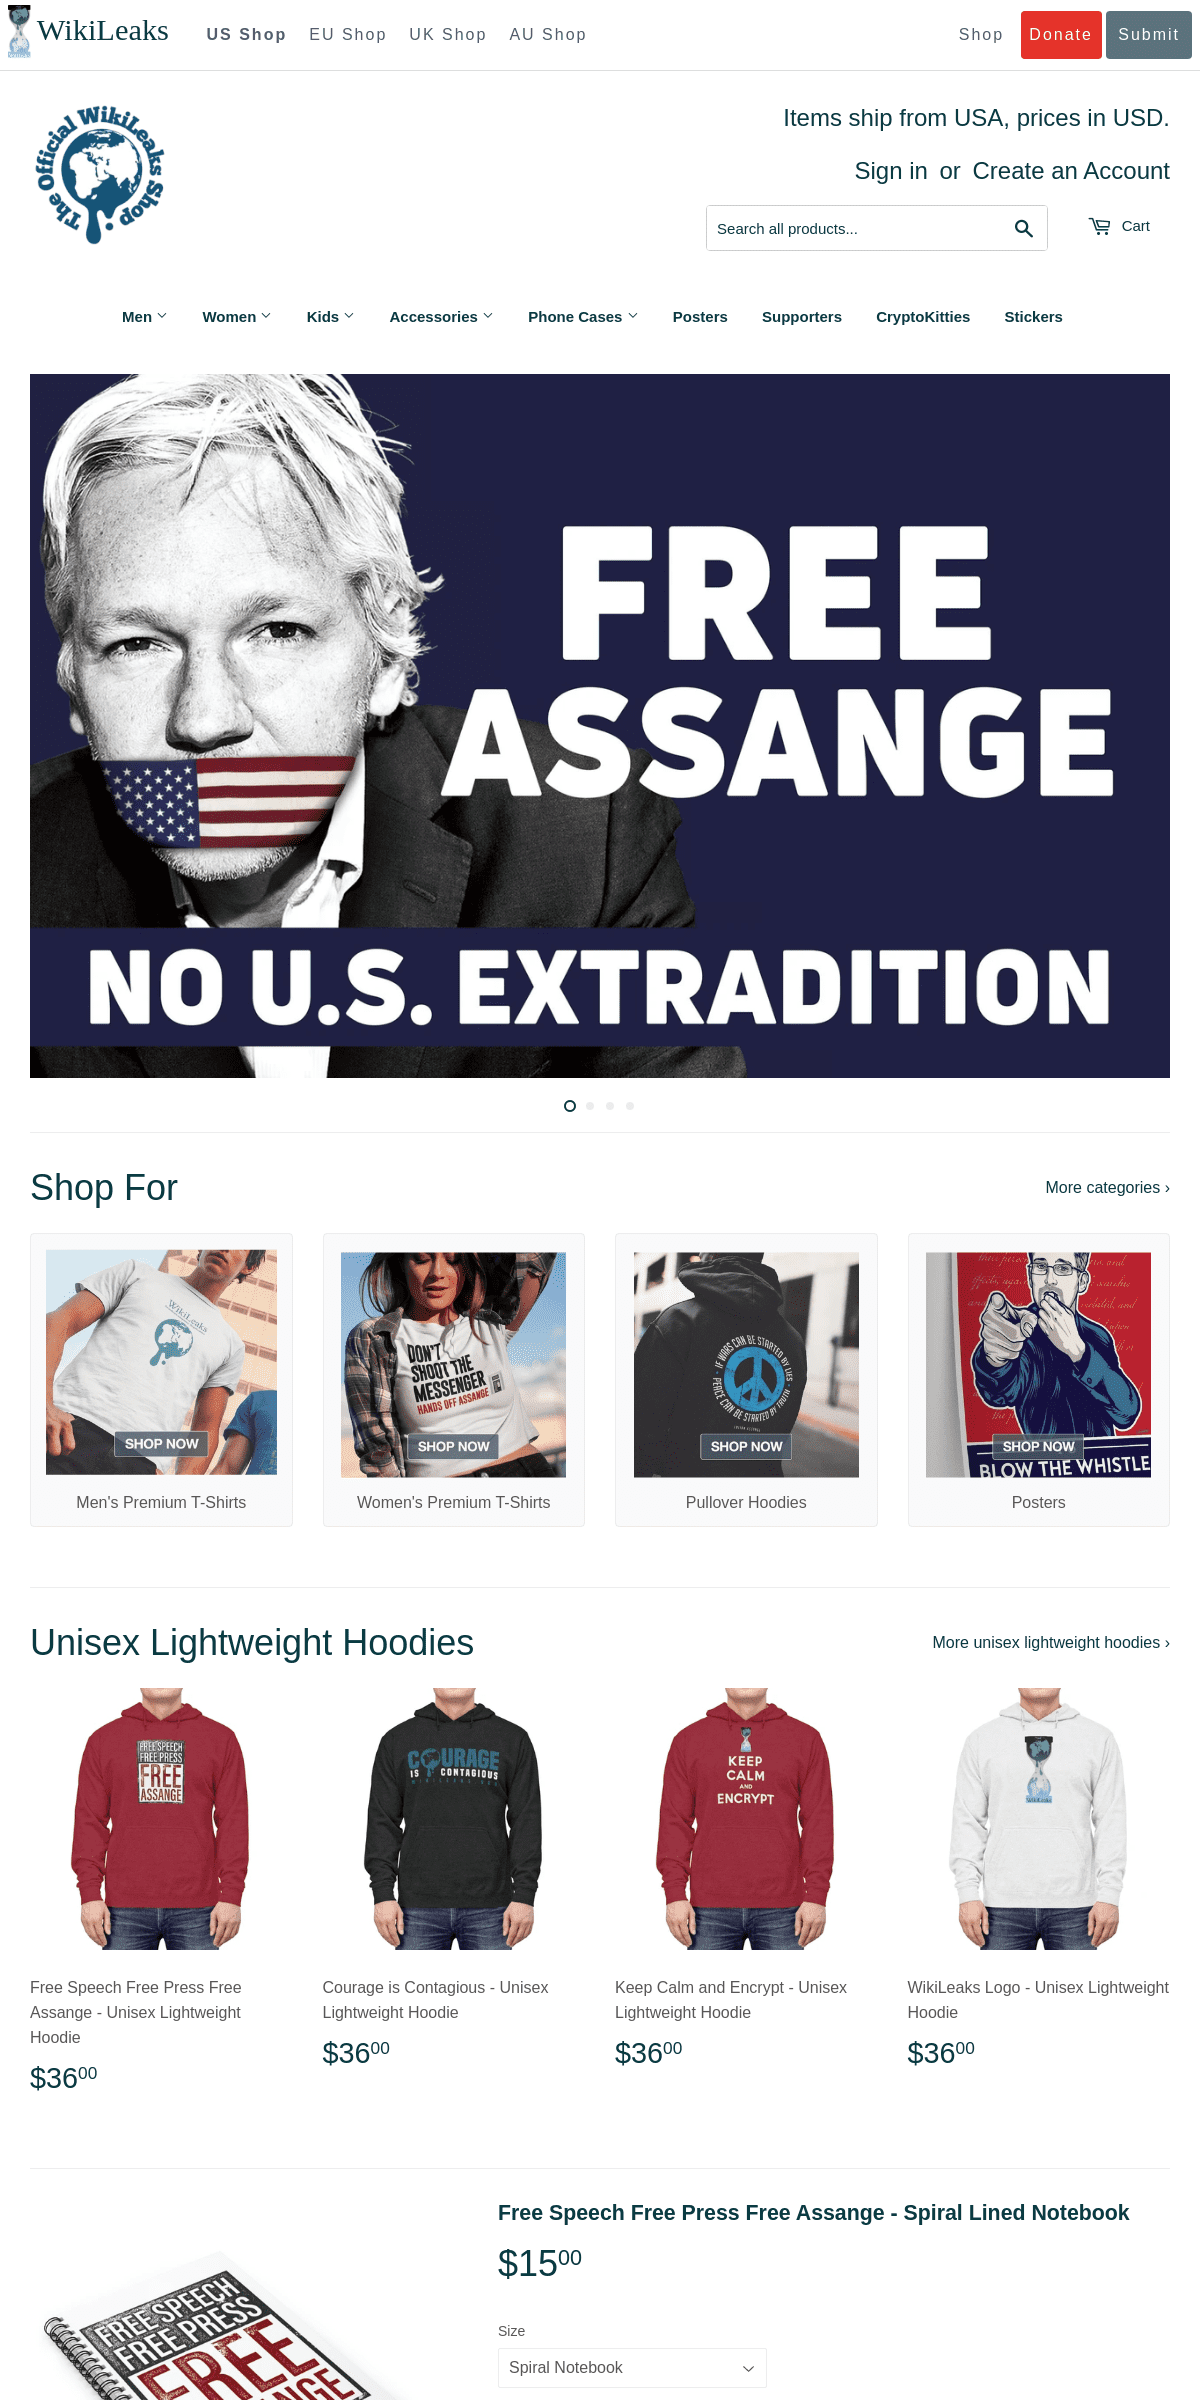 WikiLeaks Shop